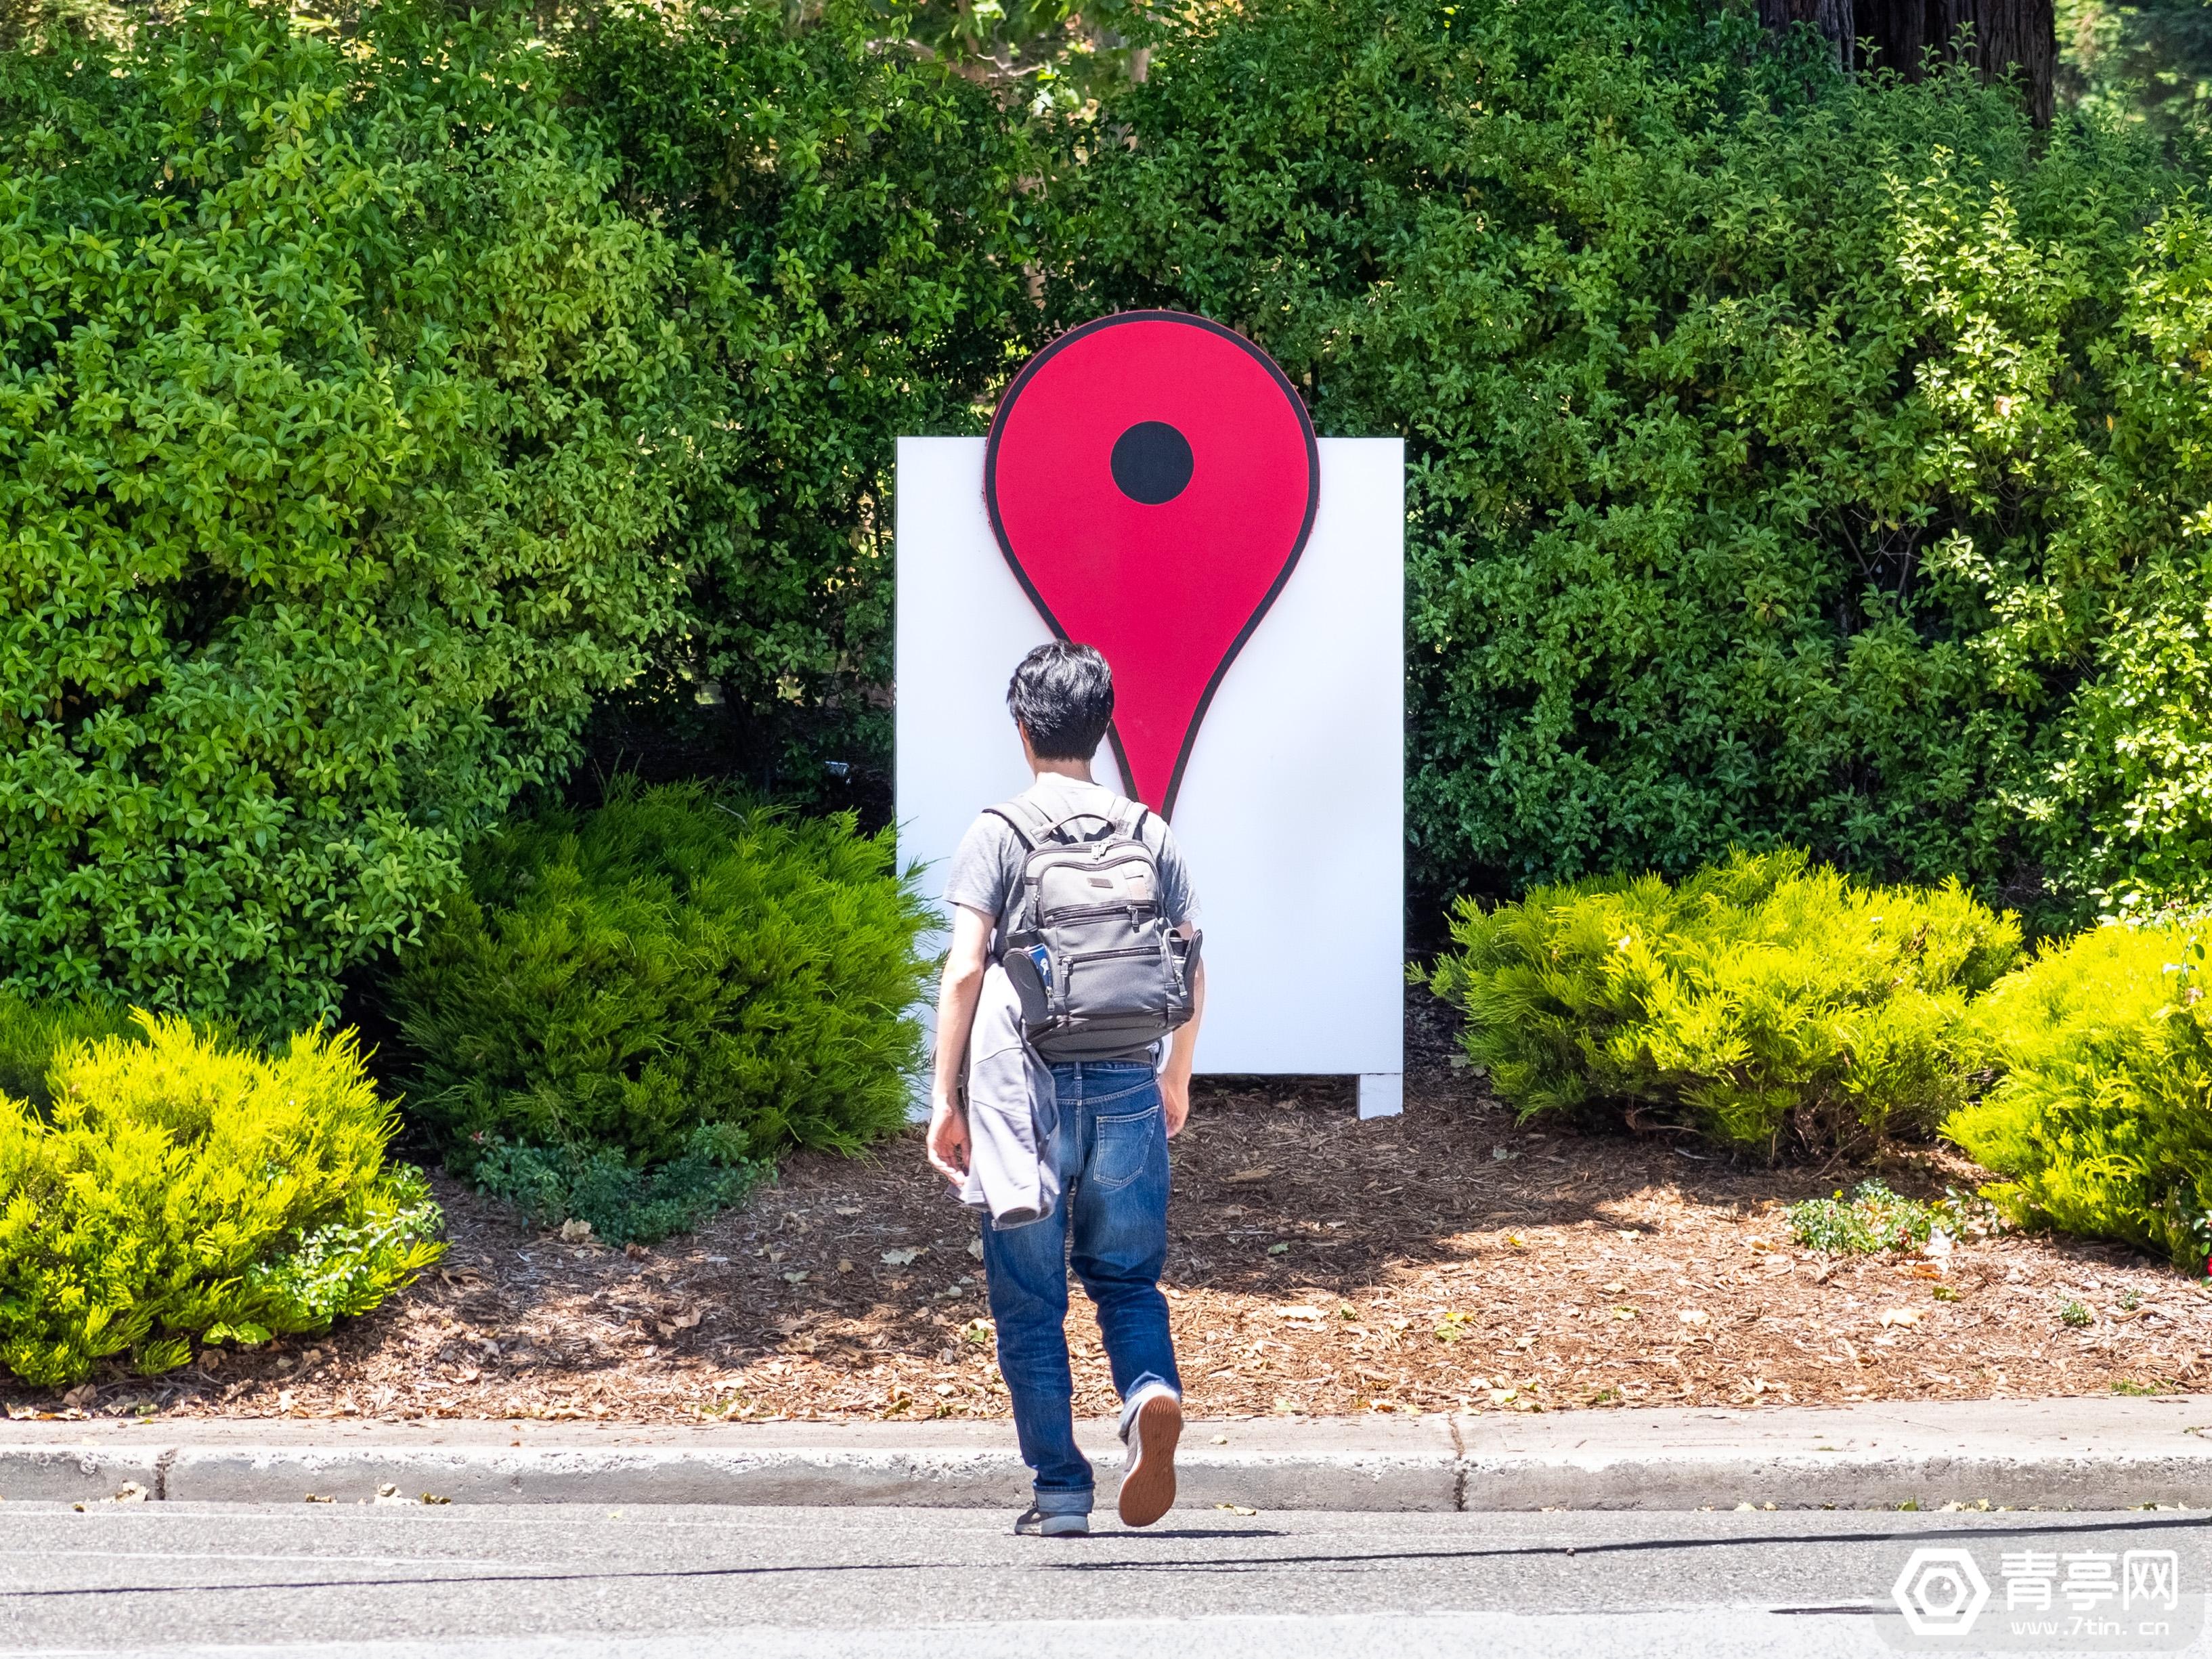 卫星广播公司天狼星XM前CPO加盟谷歌,负责管理地图团队